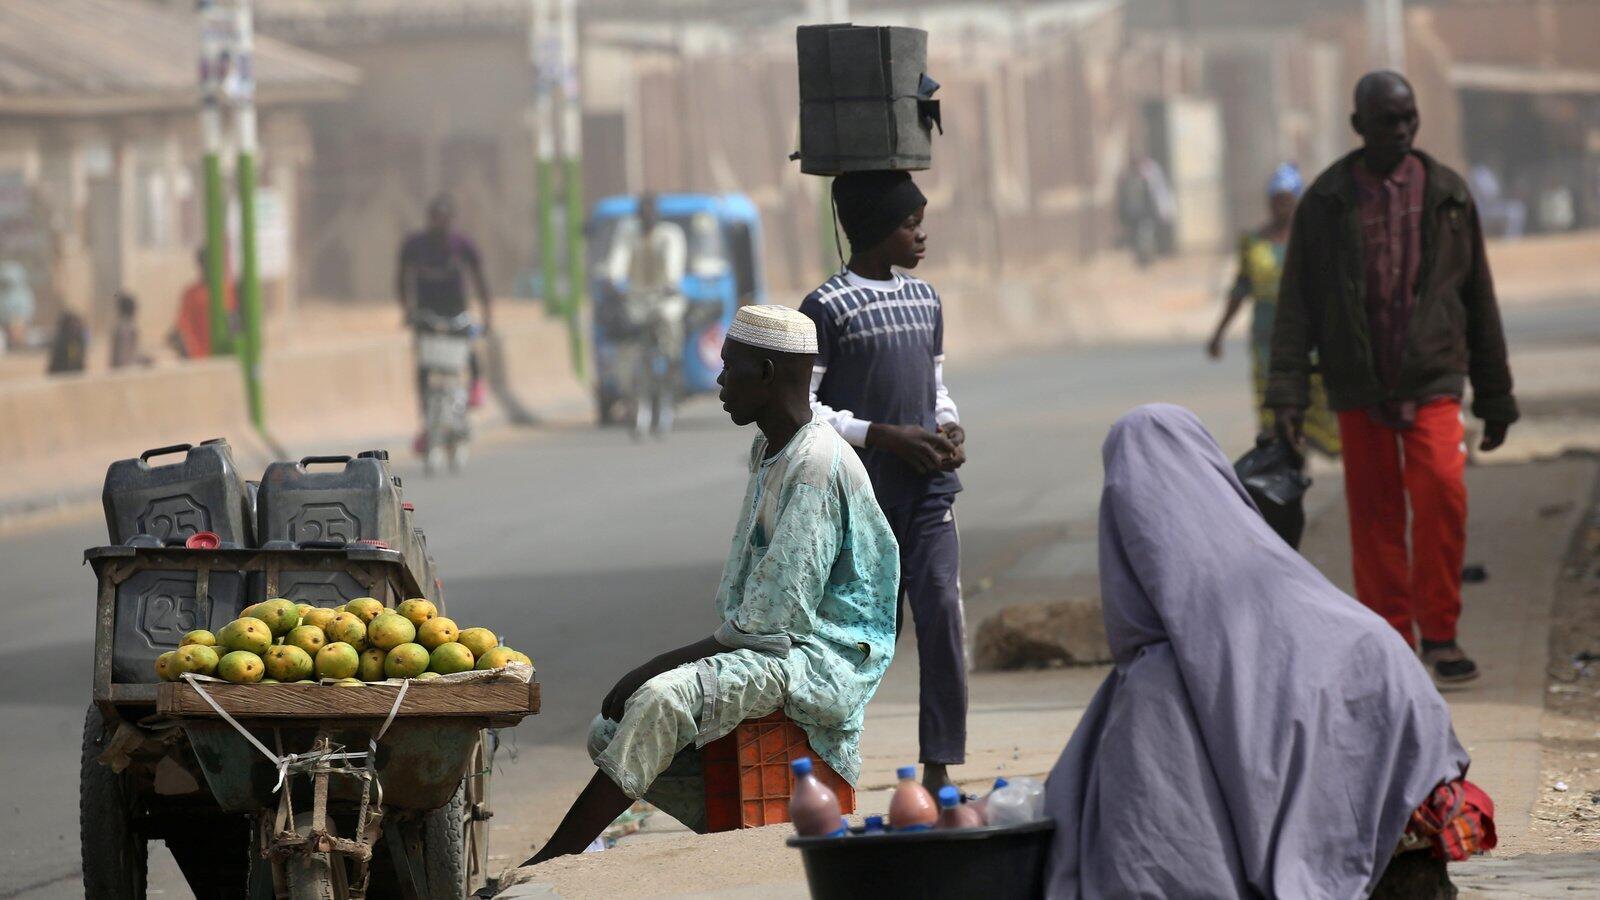 Wasu masu sana'o'i a jihar Kano dake arewacin Najeriya.